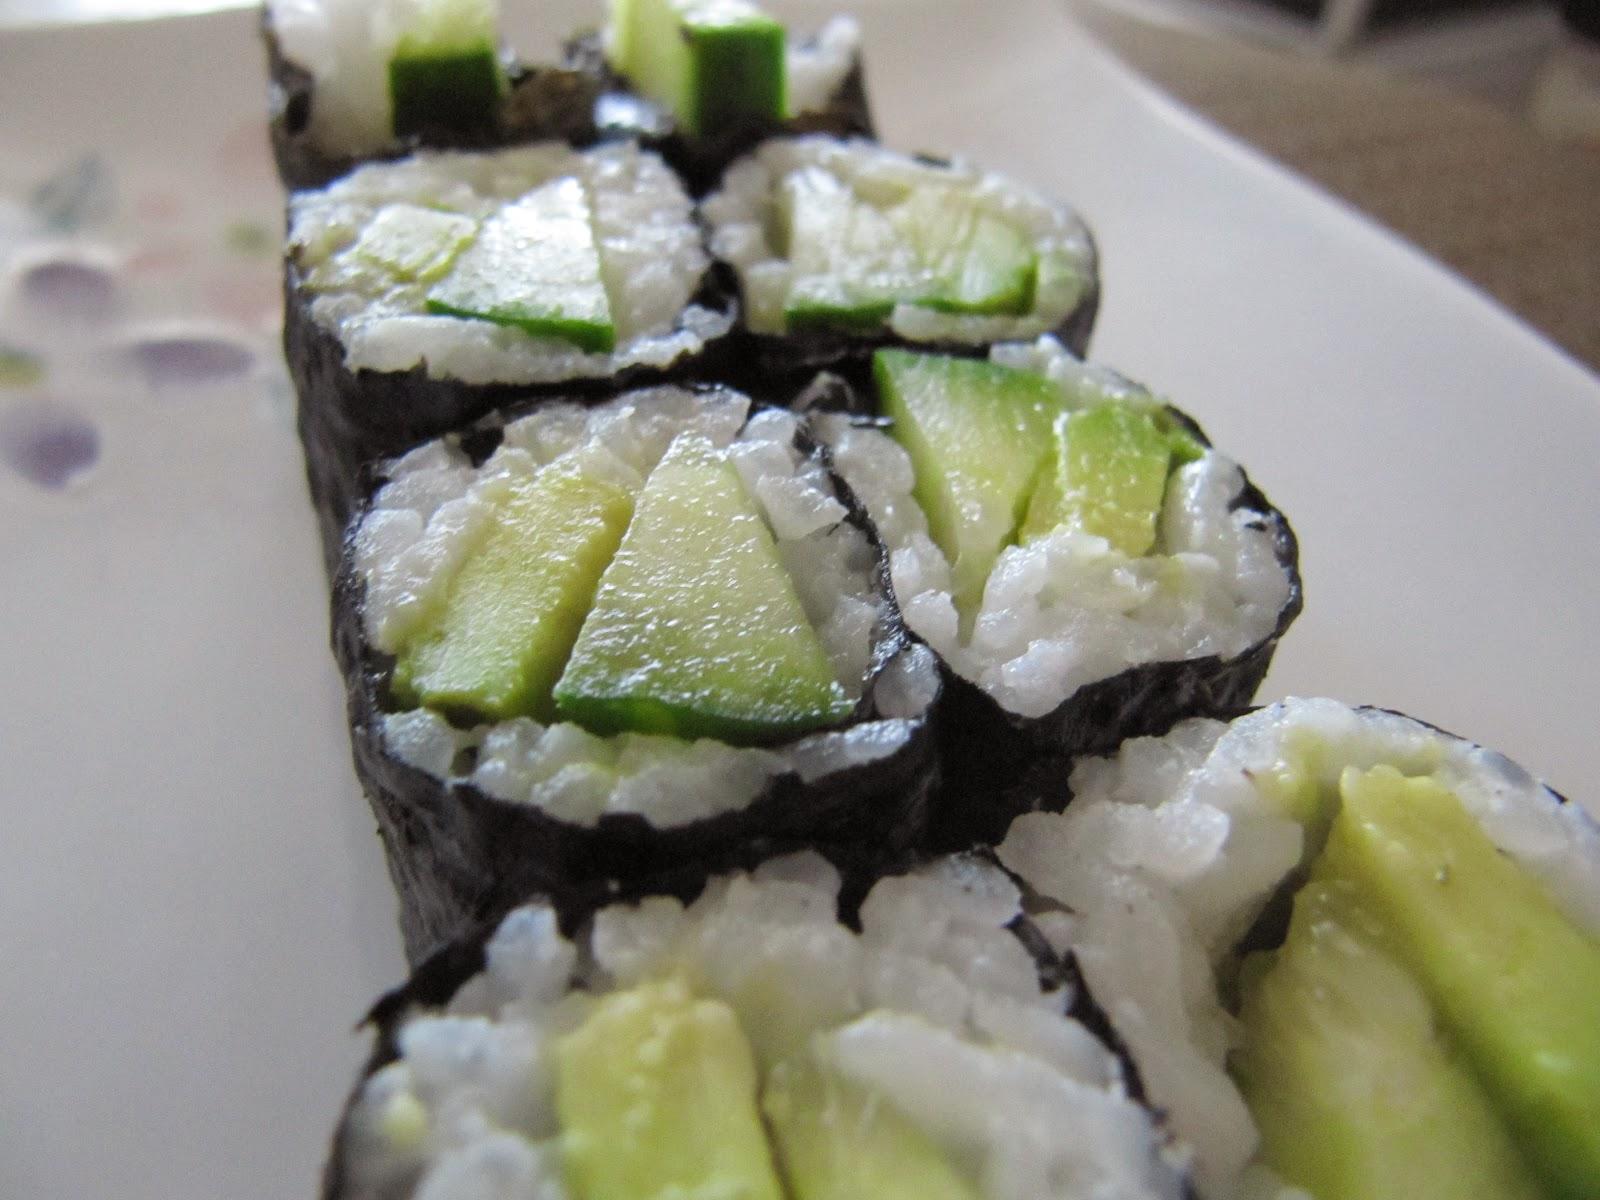 Vimwac Learning To Make Sushi